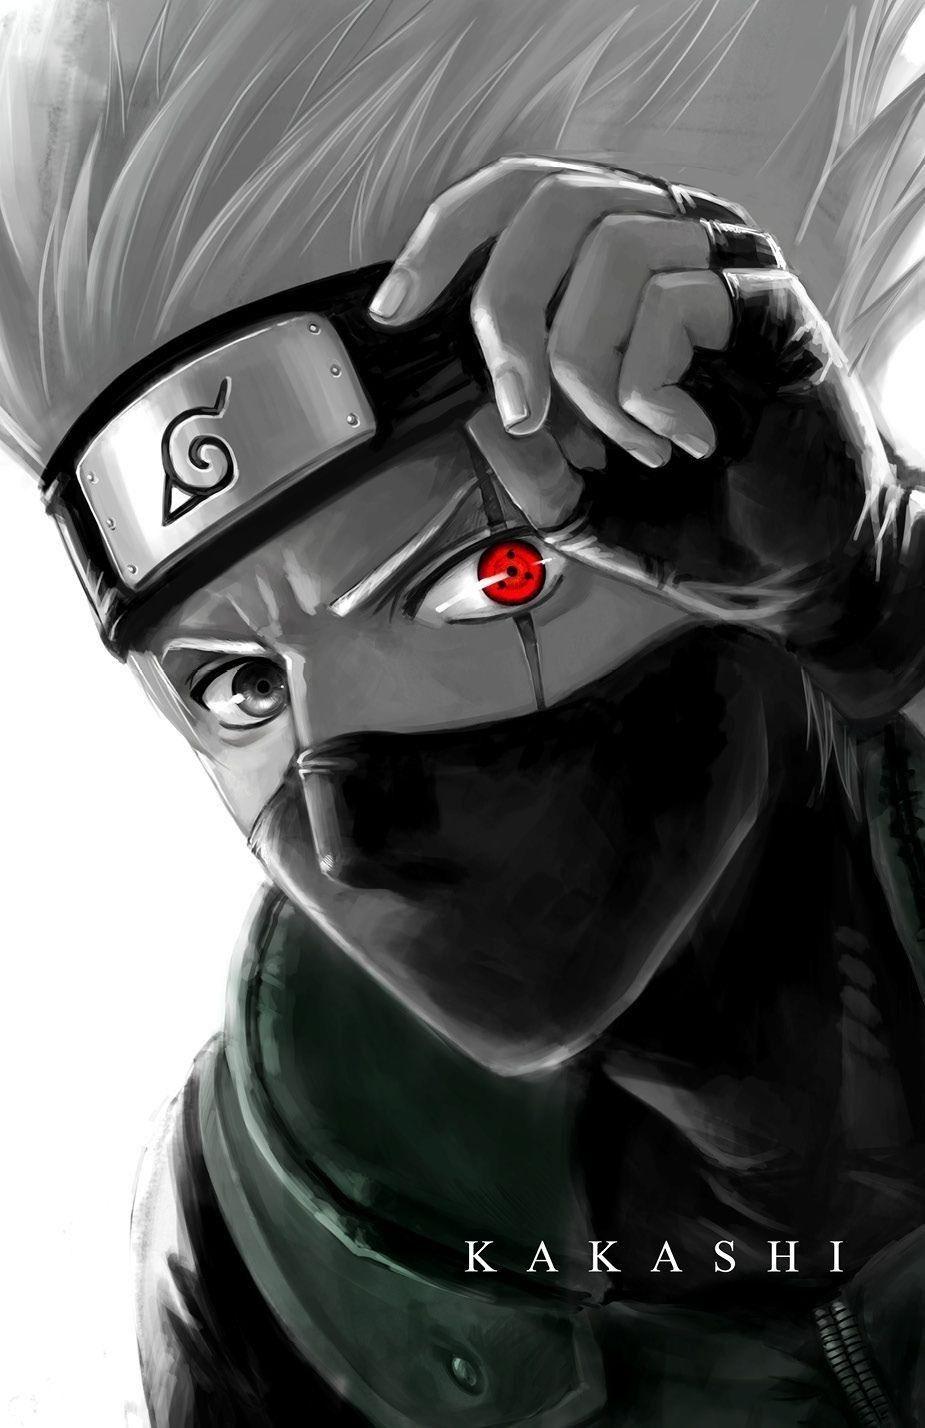 Naruto Shippuuden Image By Anime Wallpaper Naruto Shippuden